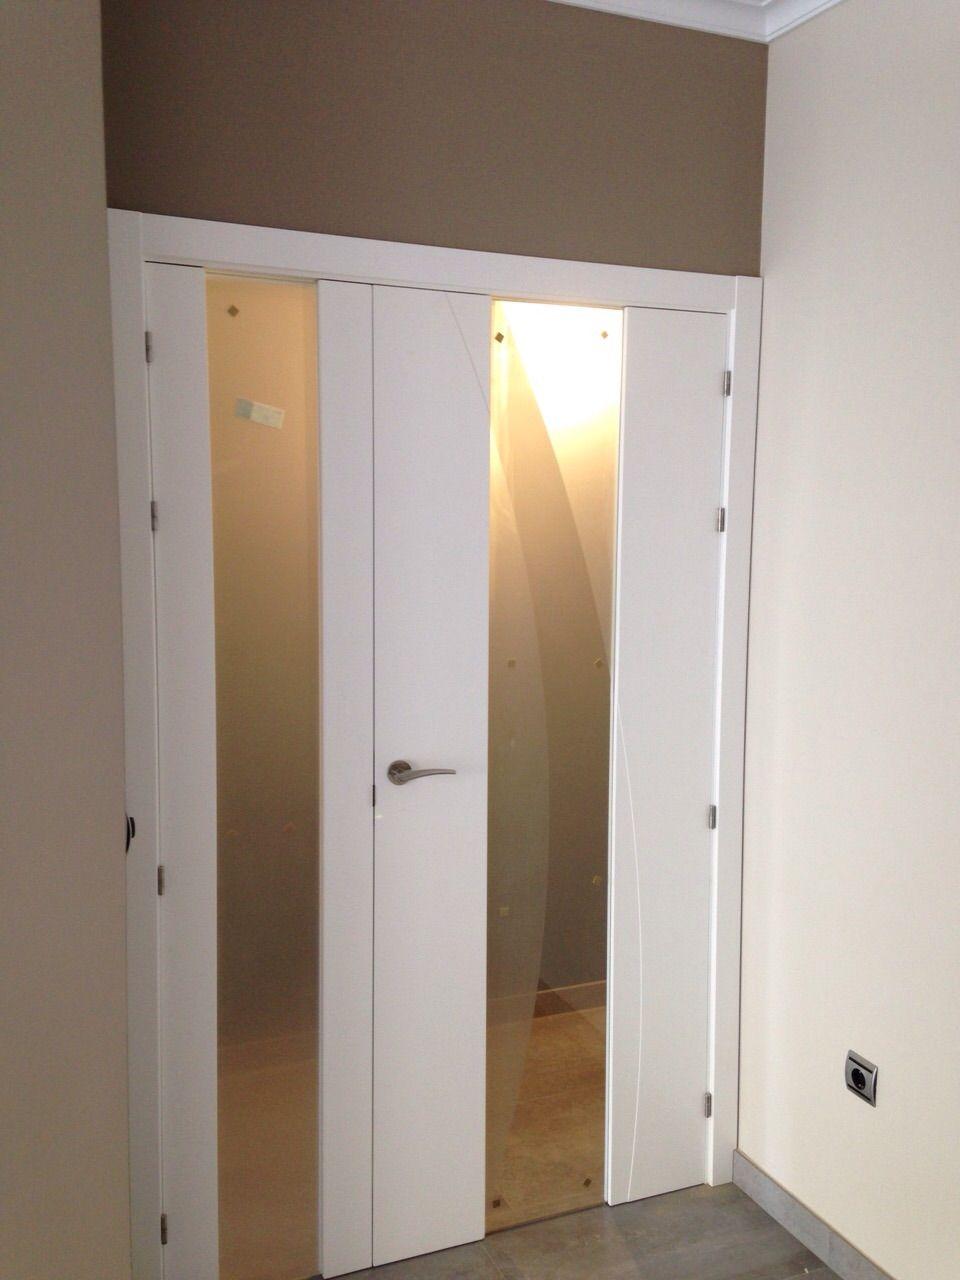 Como limpiar las puertas lacadas en blanco awesome - Limpiar puertas lacadas ...